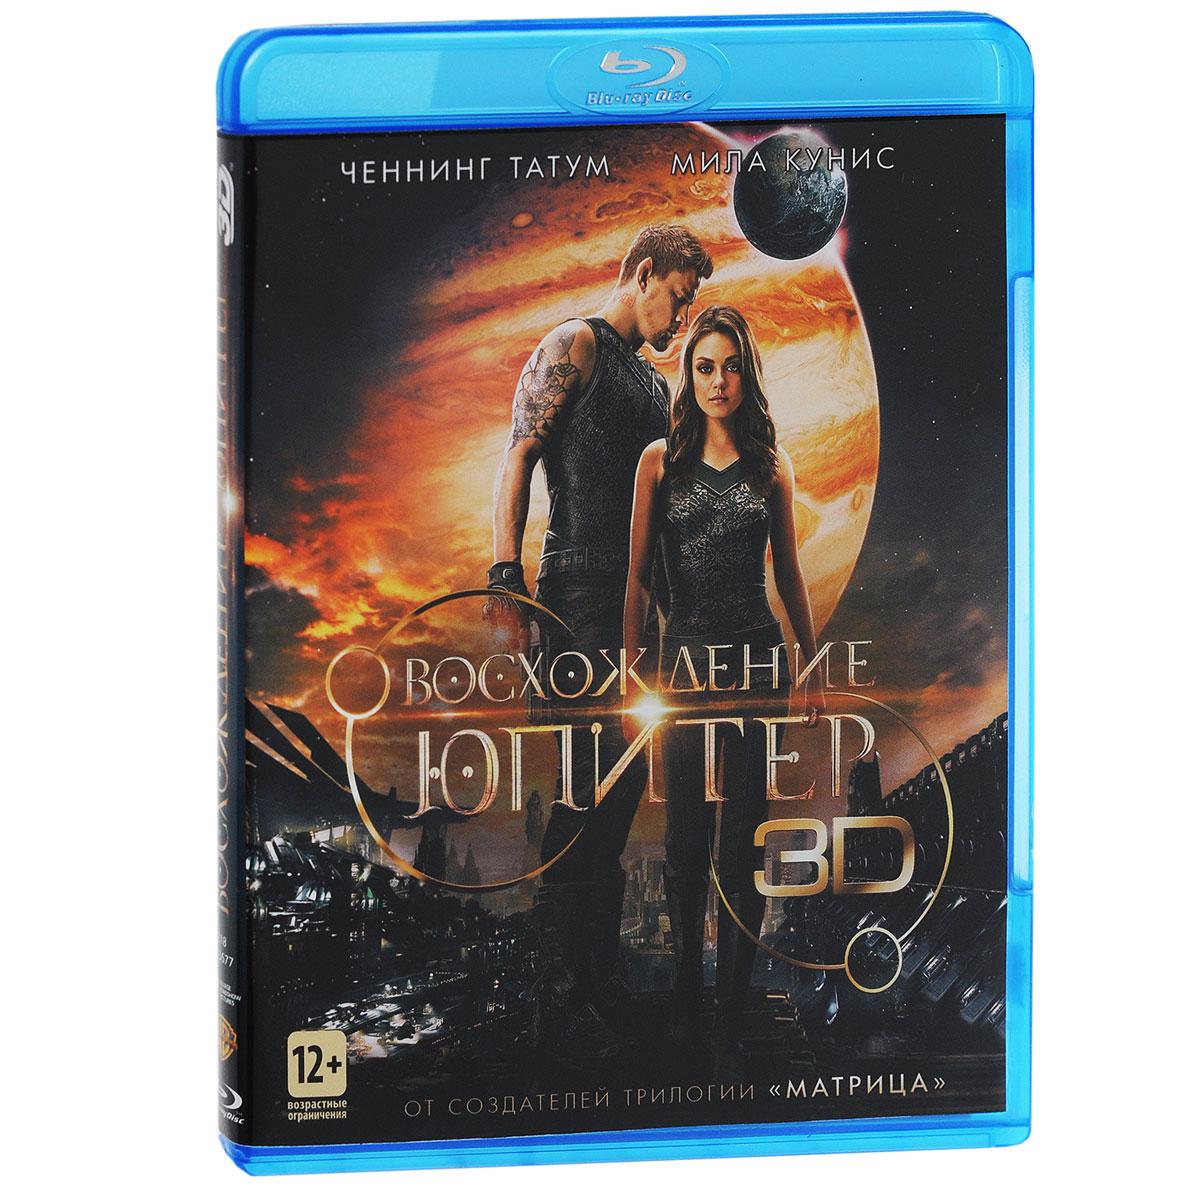 Восхождение Юпитер 3D и 2D (2 Blu-ray)